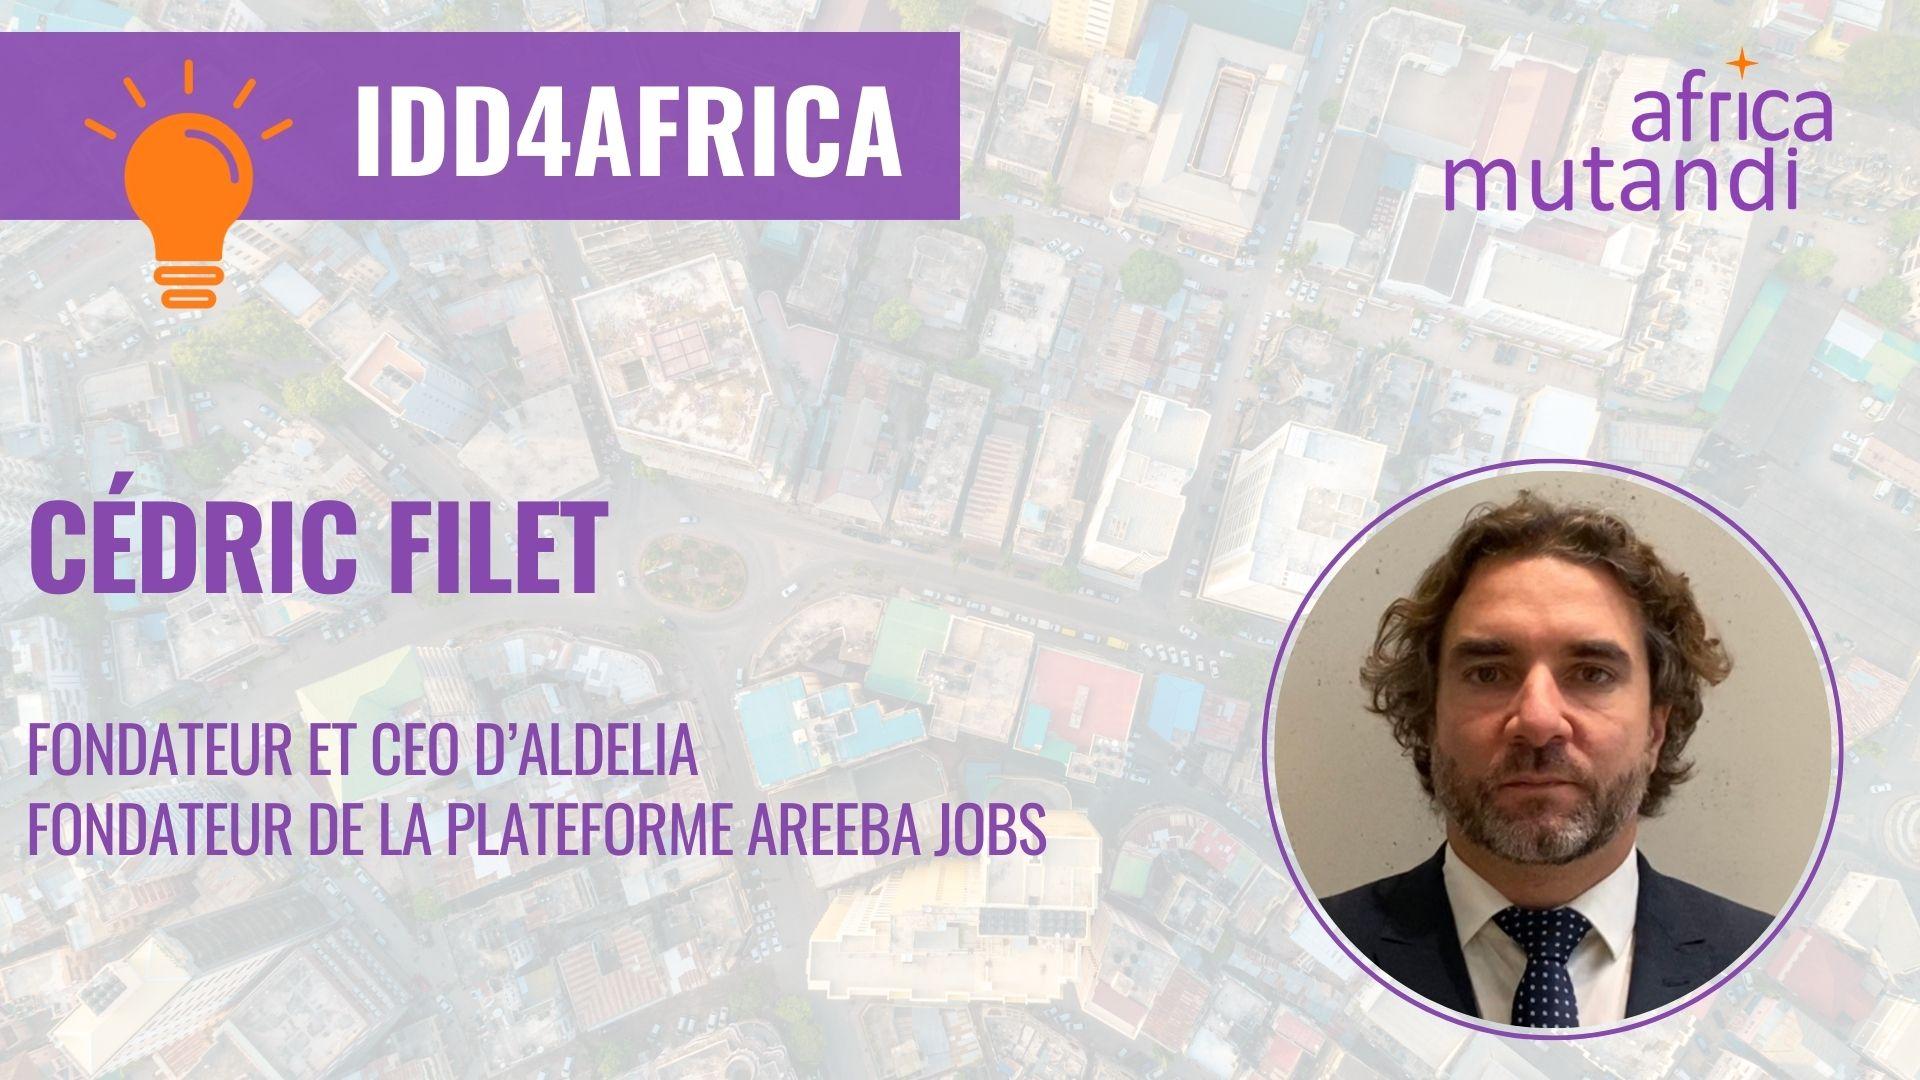 #IDD4AFRICA – Cédric Filet, Fondateur et CEO d'Aldelia et de la plateforme Areeba Jobs